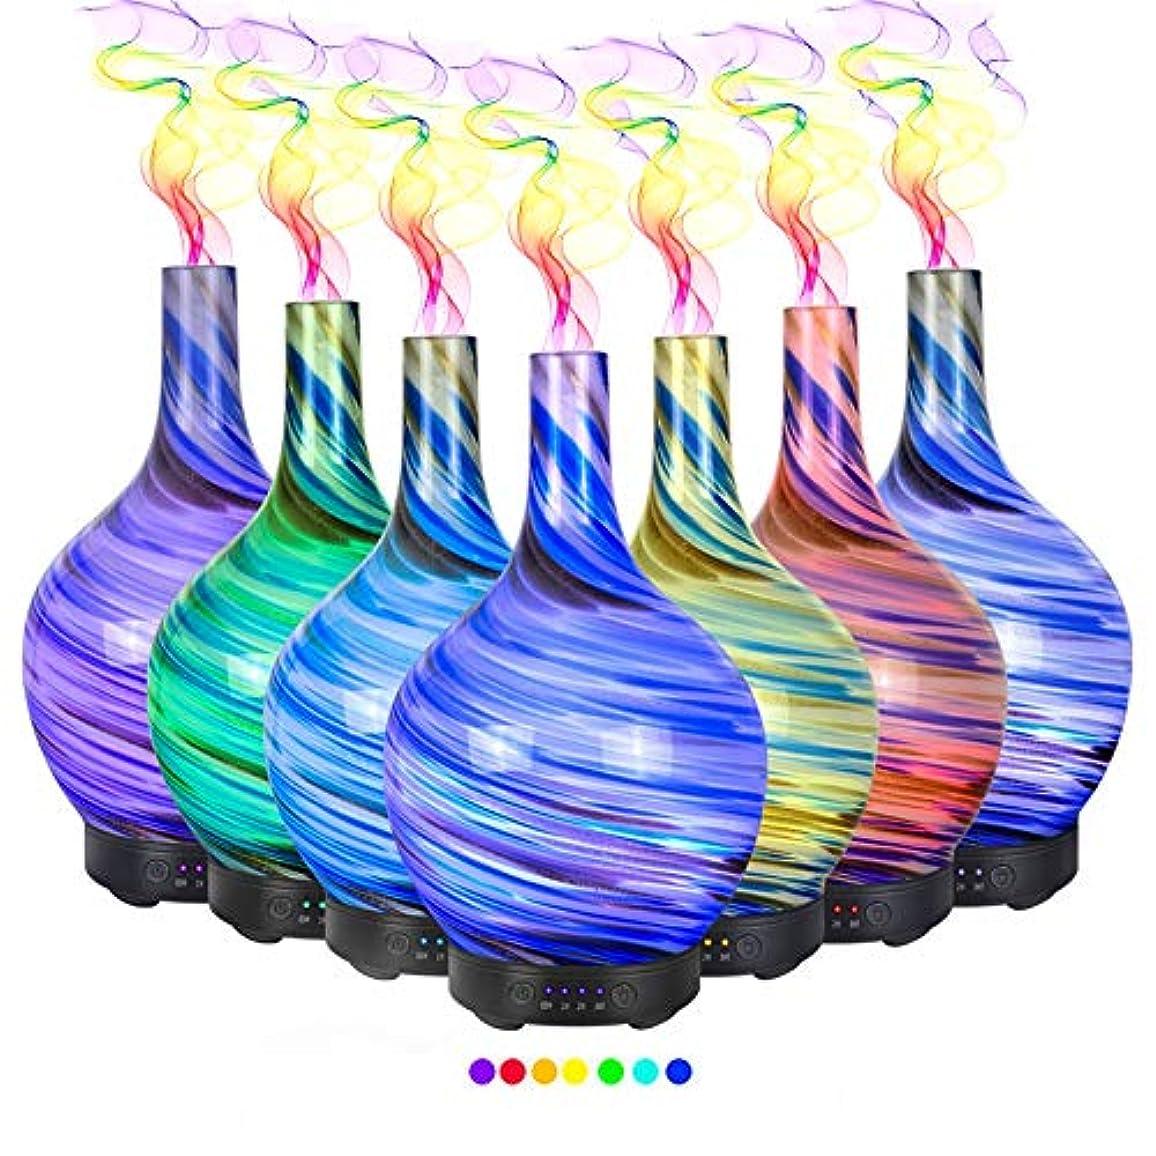 ボウルマンハッタン叙情的なエッセンシャルオイル用ディフューザー (100ml)-3d アートガラストルネードアロマ加湿器7色の変更 LED ライト & 4 タイマー設定、水なしの自動シャットオフ